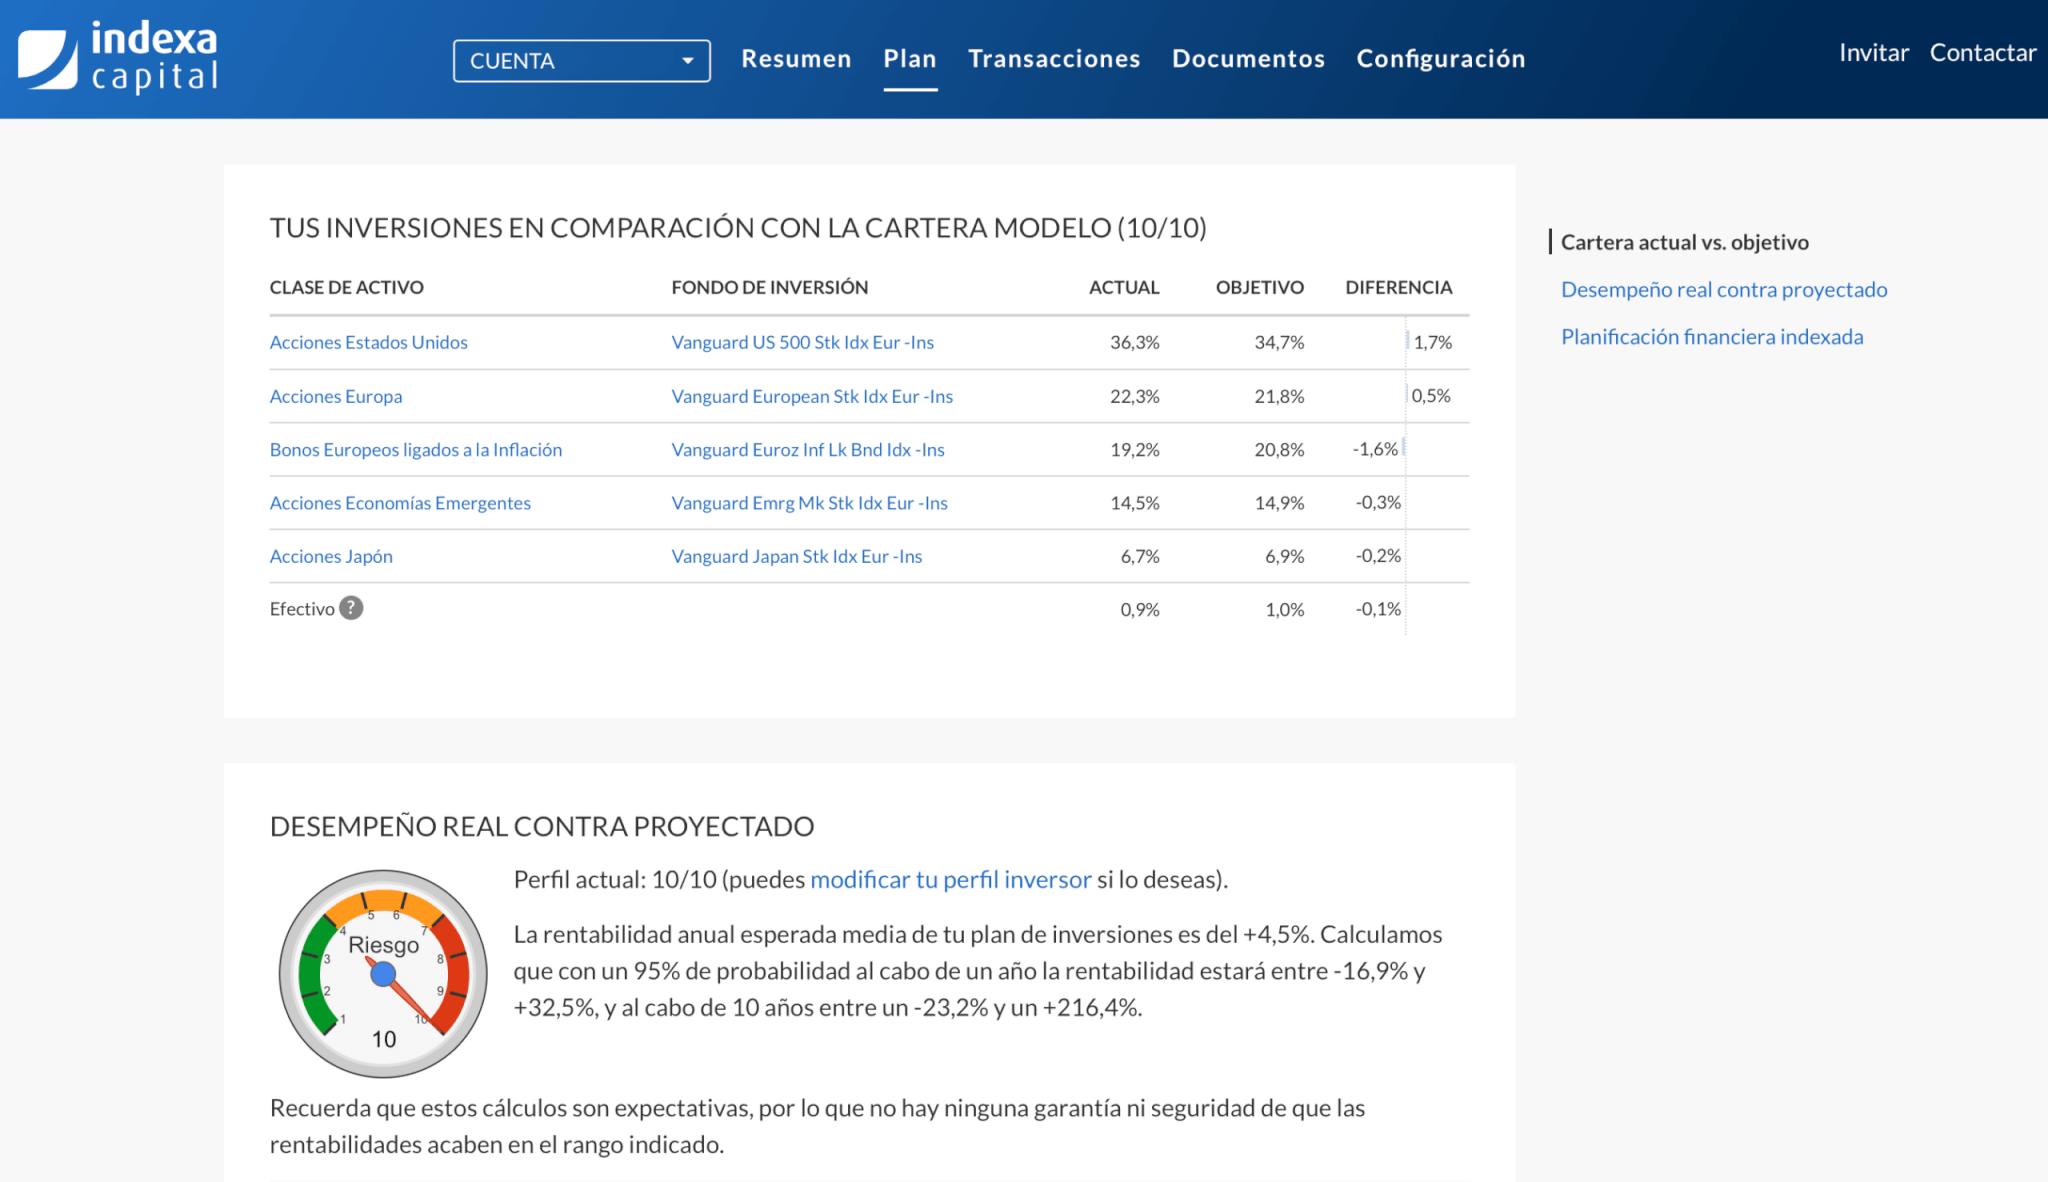 Detalle de los fondos de la cartera de Indexa Capital